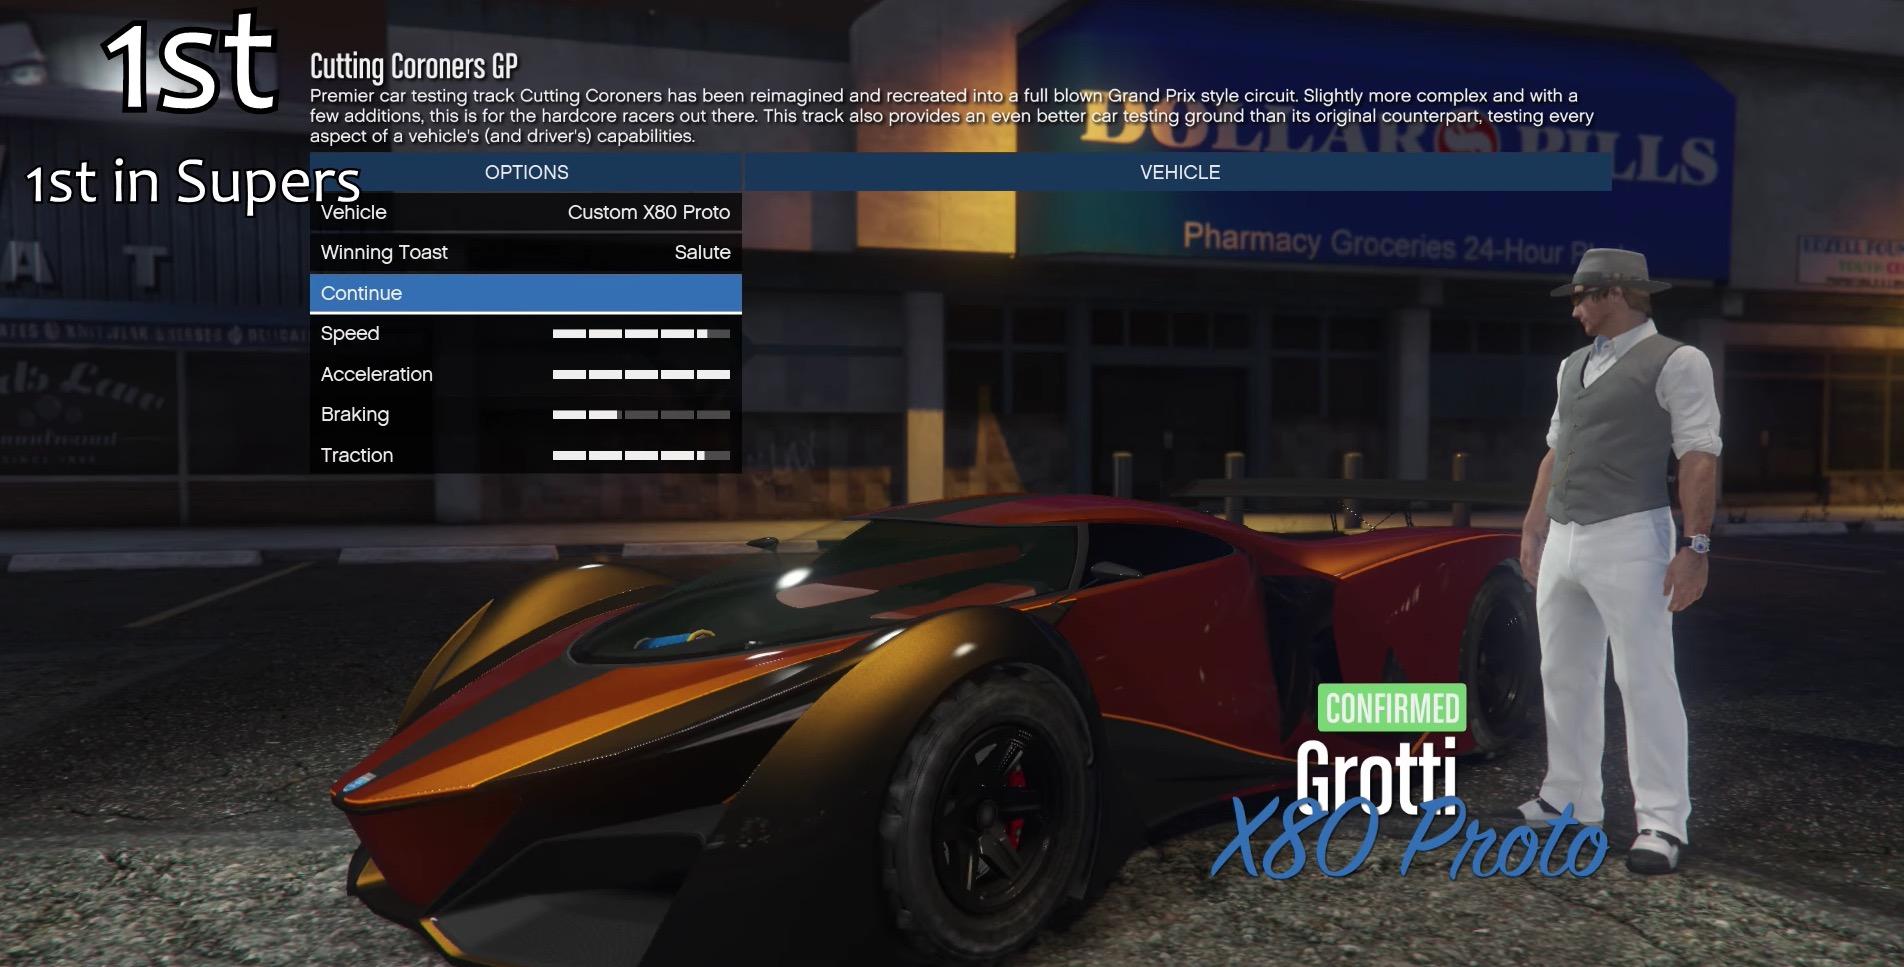 Fastest Car On Gta